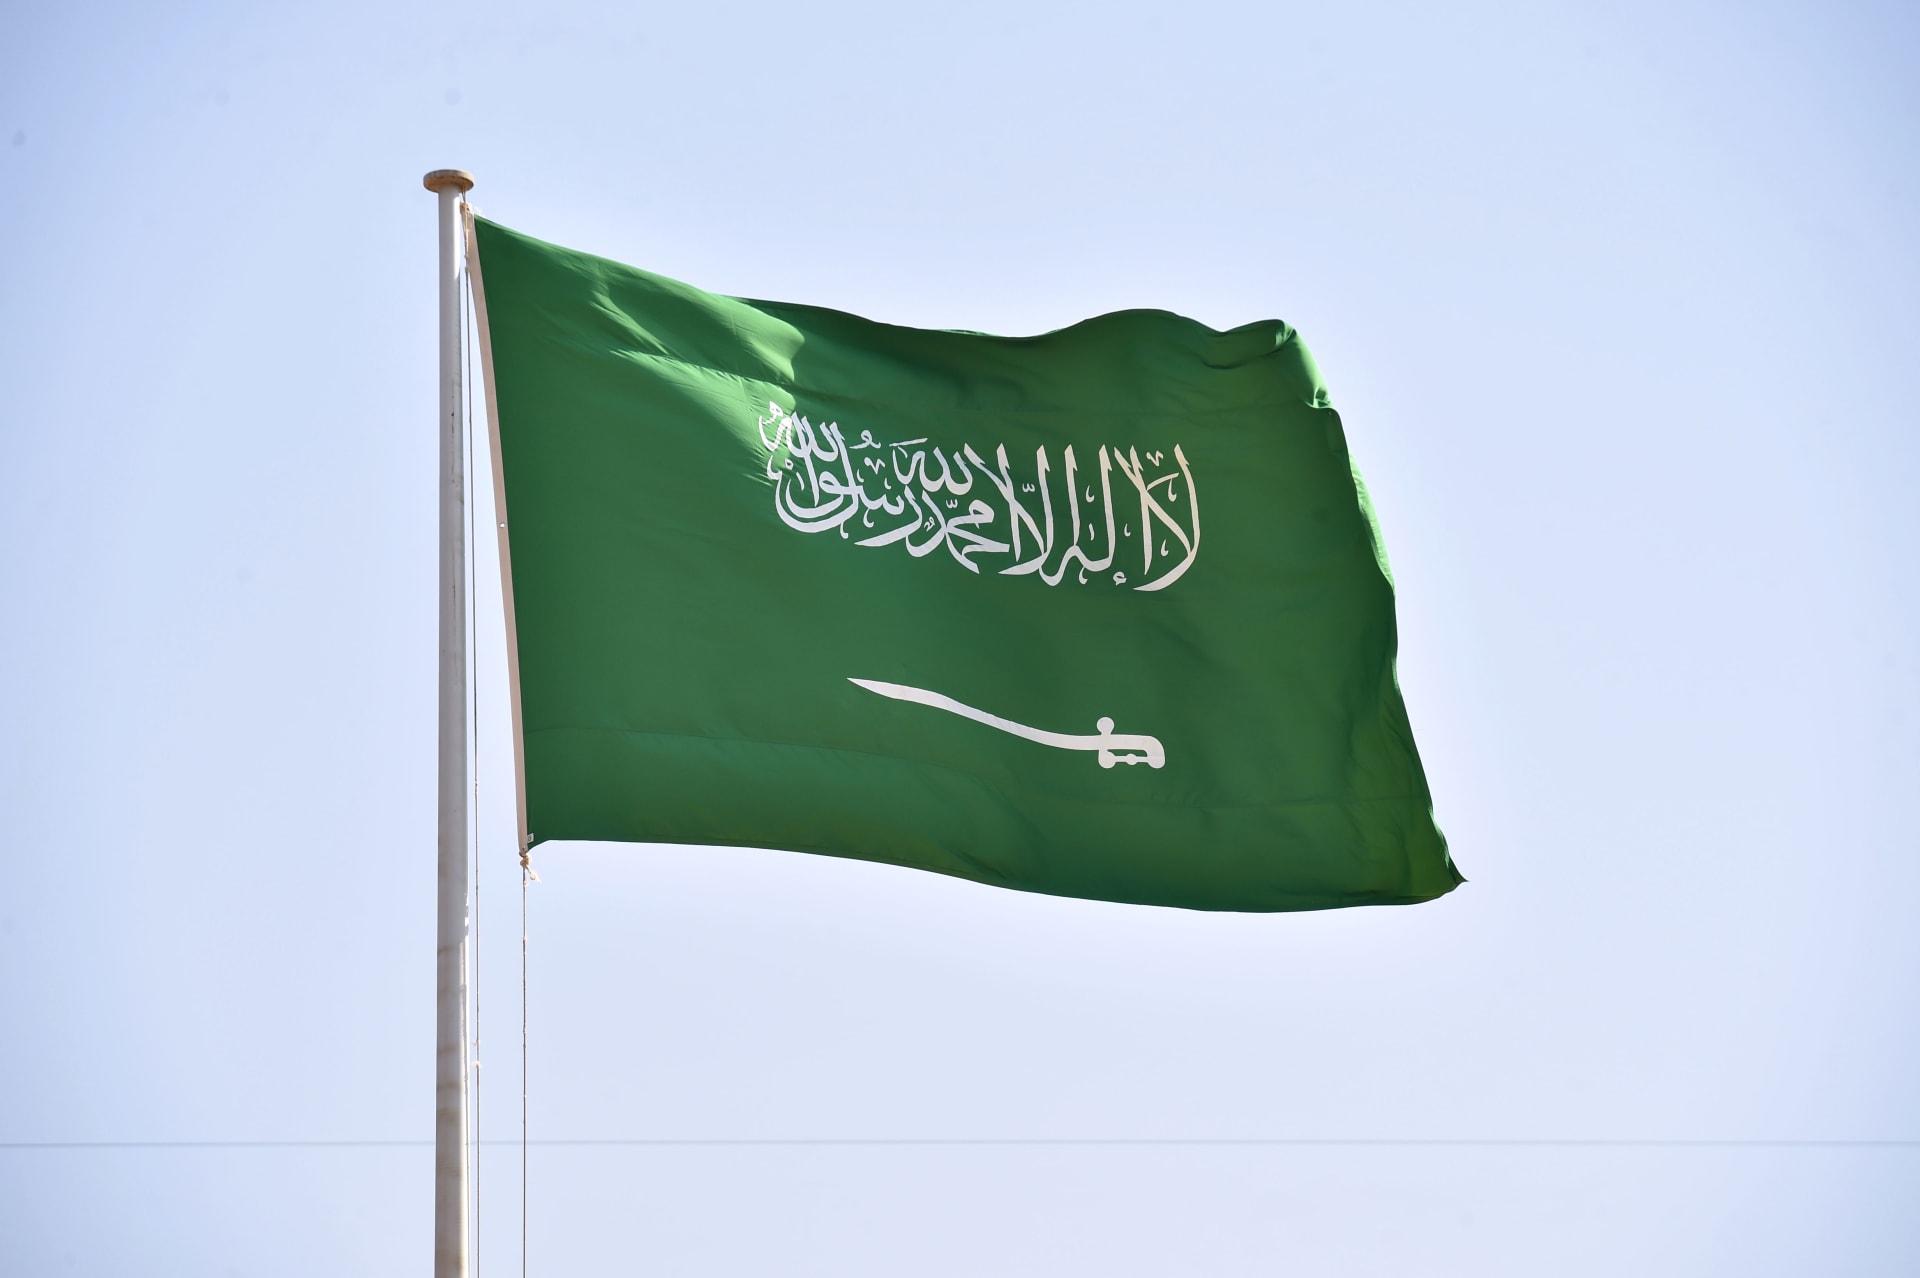 """بعد تعليق على قضية جمال خاشقجي.. مدونة كويتية تعتذر لـ""""الشعب السعودي"""" وردود فعل رافضة"""